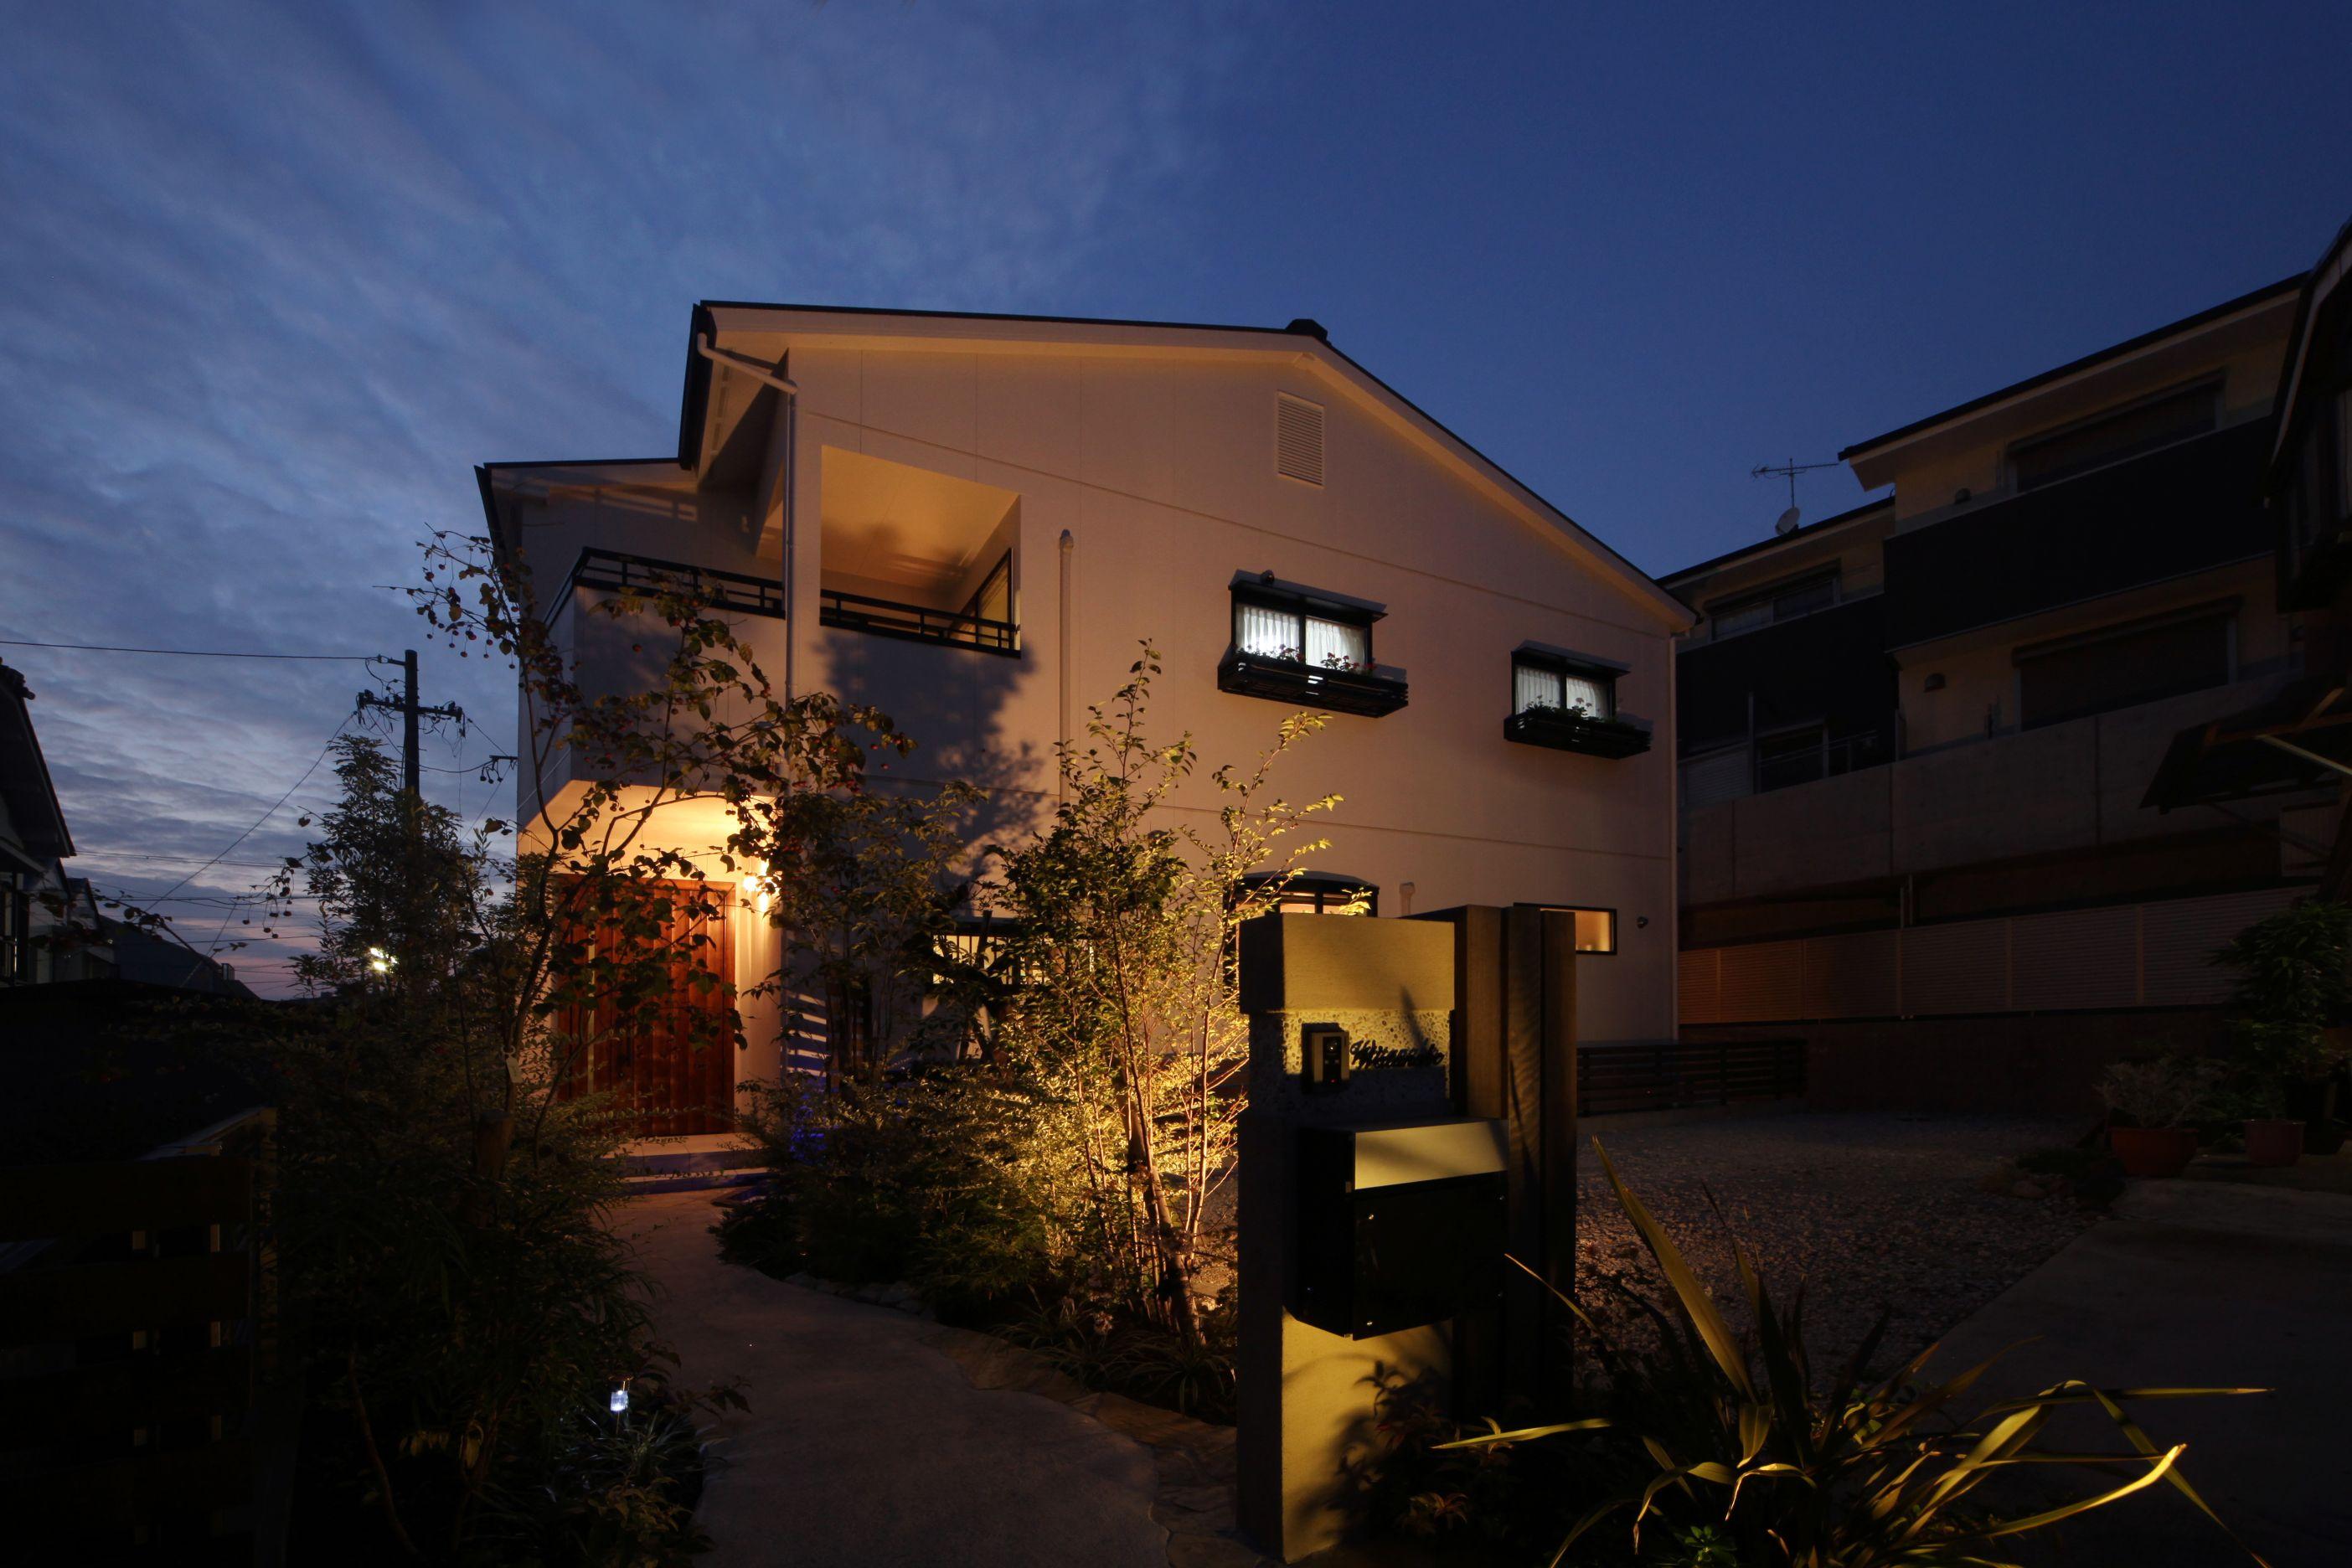 ソーラーホーム/OMソーラーの家【デザイン住宅、子育て、省エネ】周囲で一際存在感のある外観。デザイン性の高さも同社だからこそだ